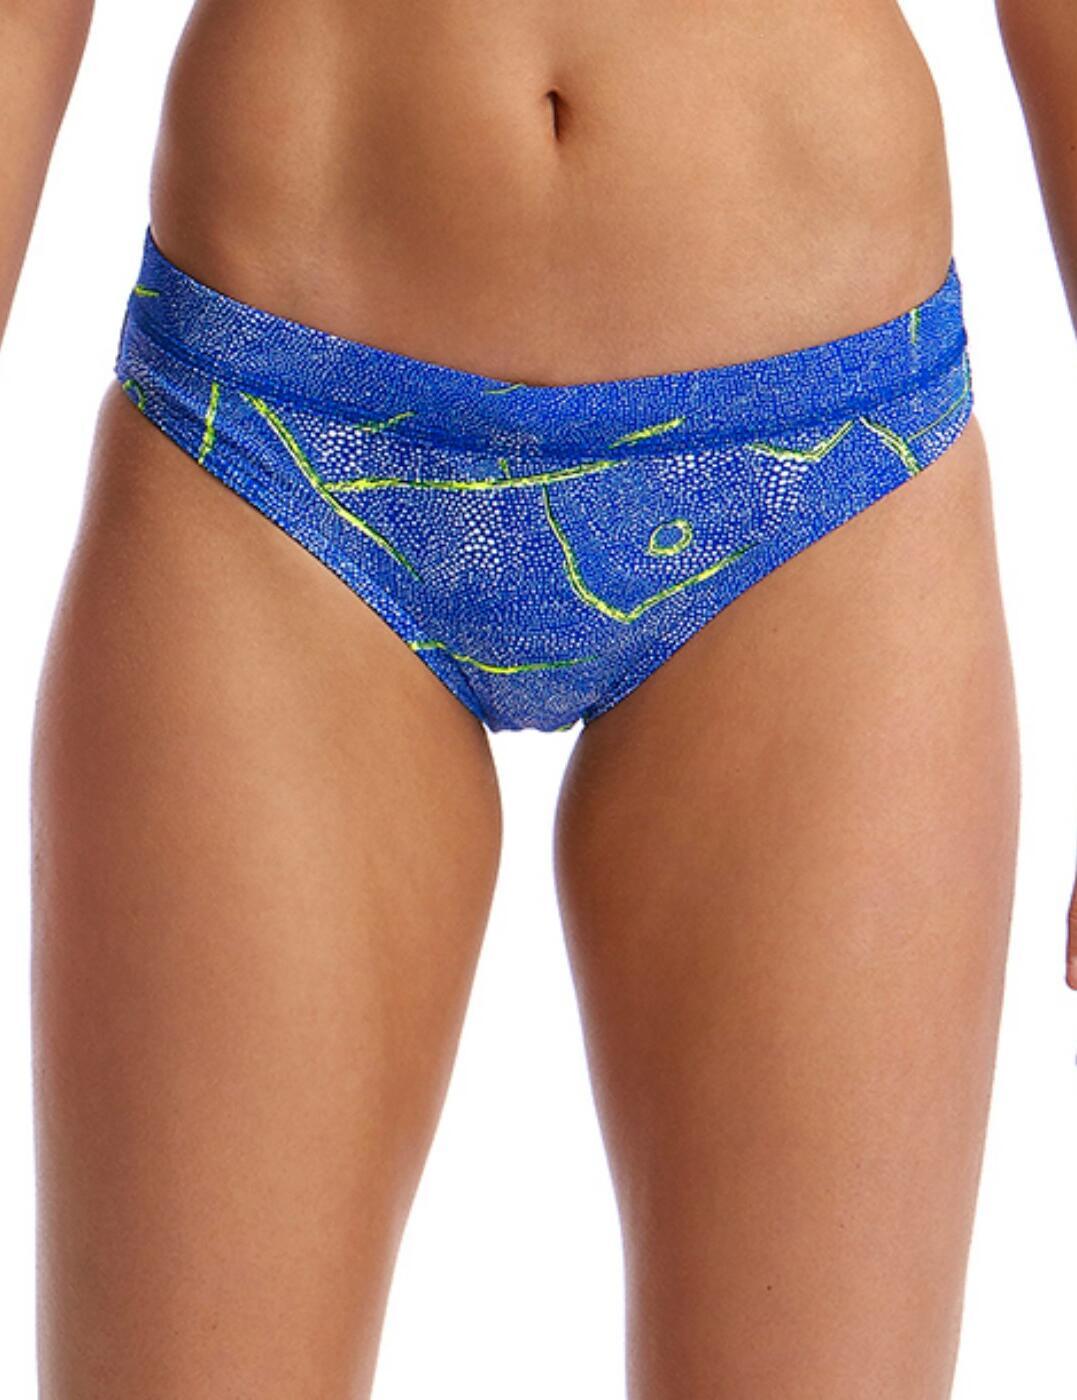 FS03L Funkita Ladies Sports Bikini Brief - FS03L02331 Sea Salt